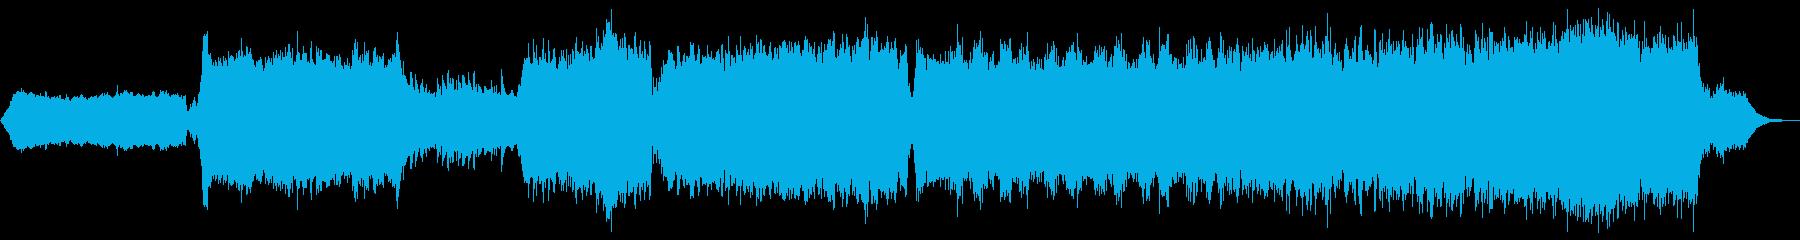 5組曲的アンビエント作品 ピアノ シンセの再生済みの波形